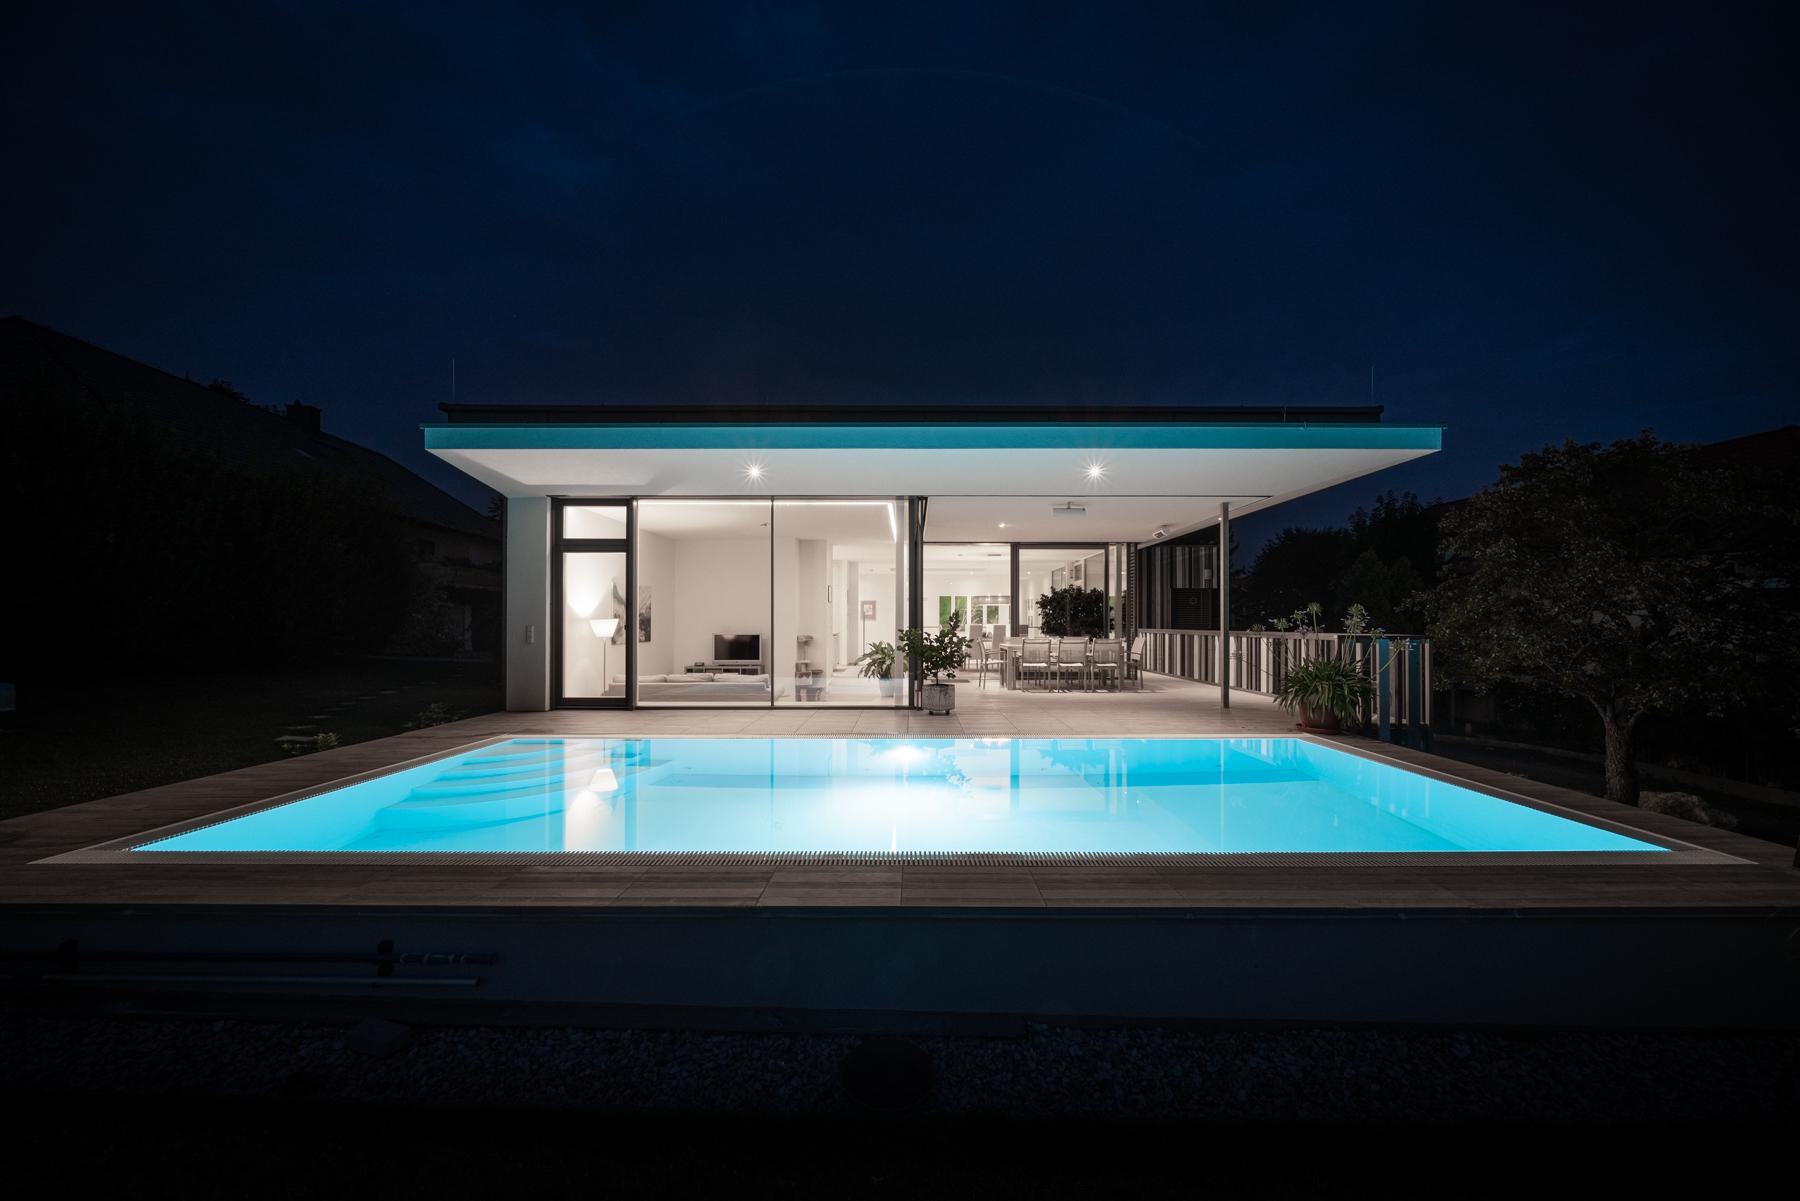 Immobilienfotografie Einfamilienhaus Swimmingpool bei Nacht von Fotograf Michael Pinzolits